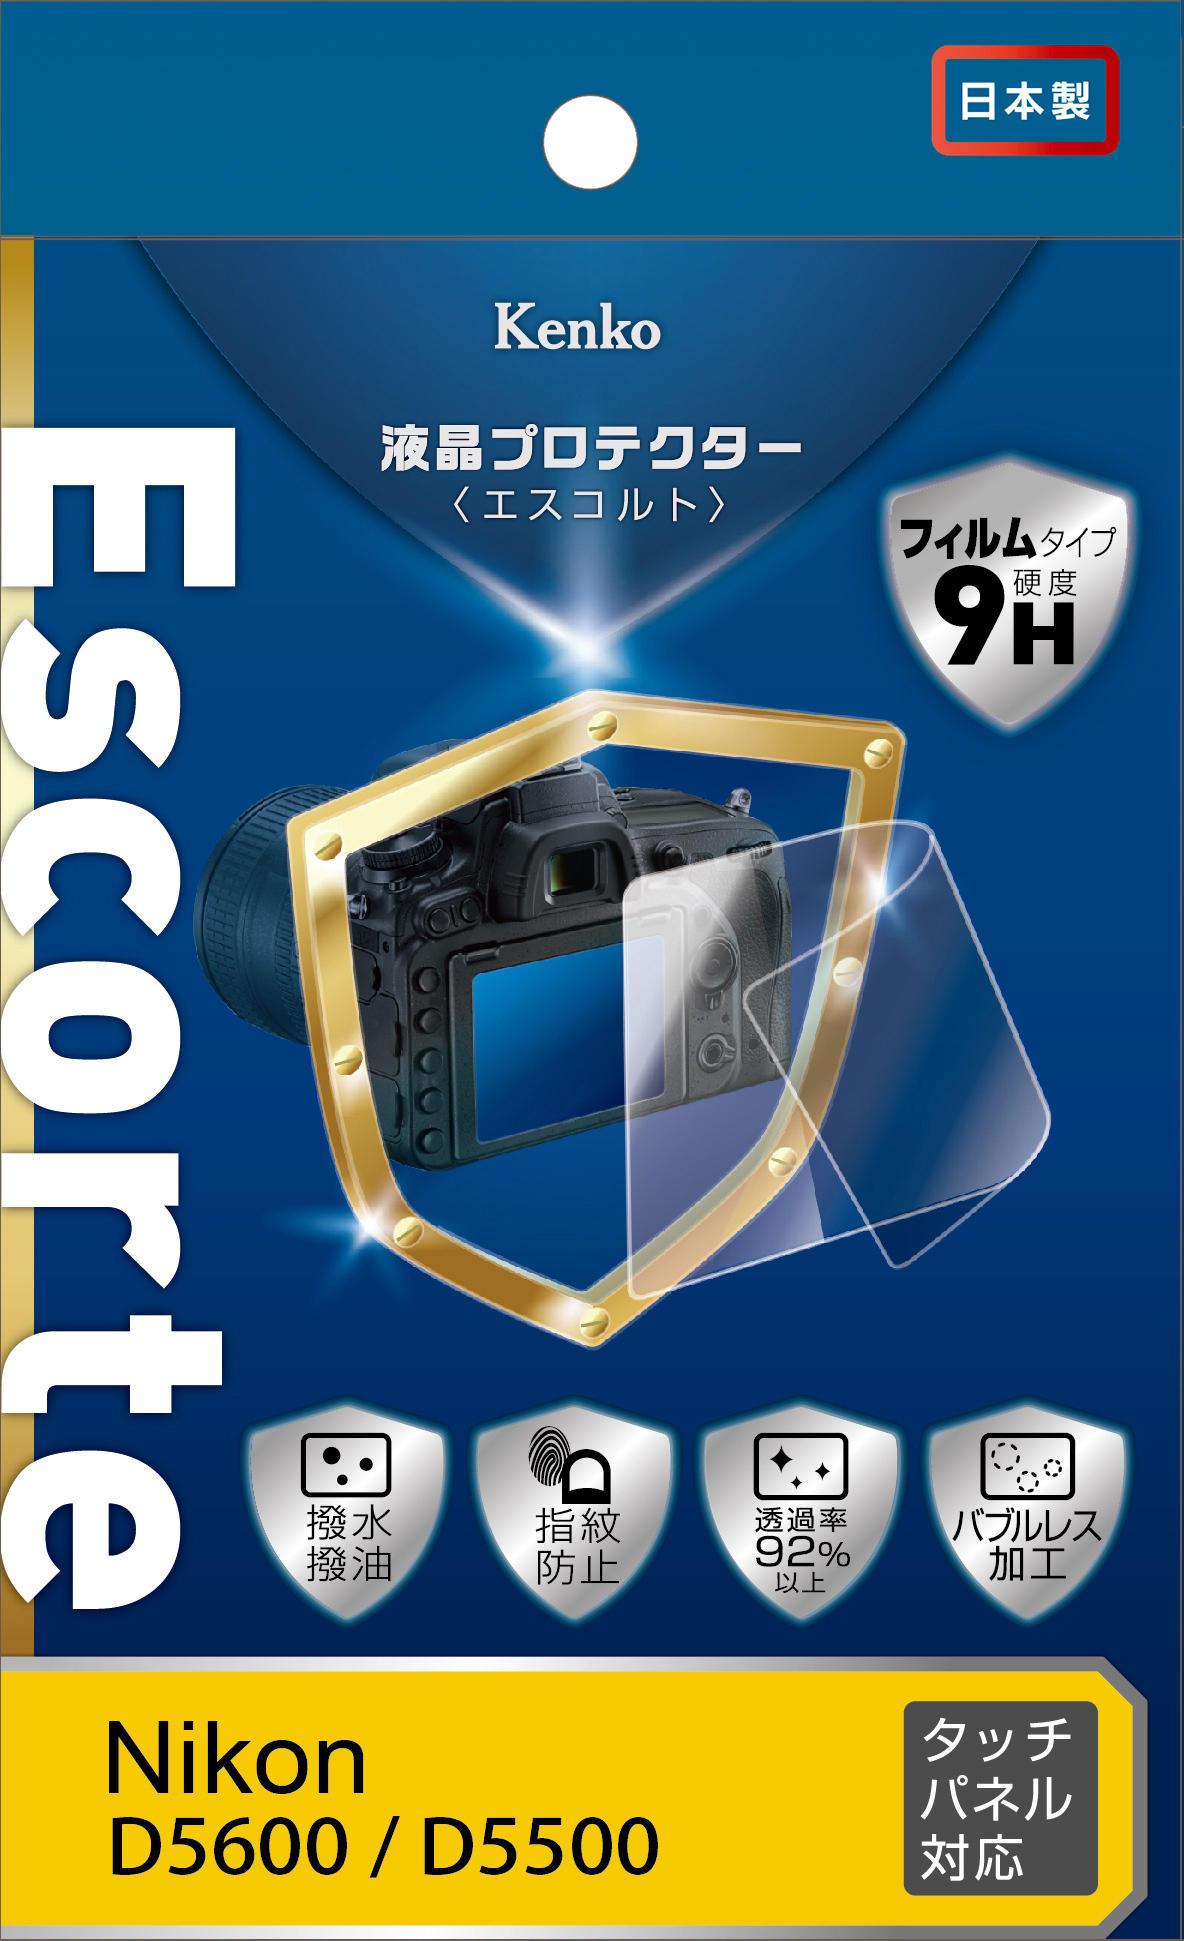 http://www.kenko-tokina.co.jp/imaging/eq/mt-images/4961607481707.jpg